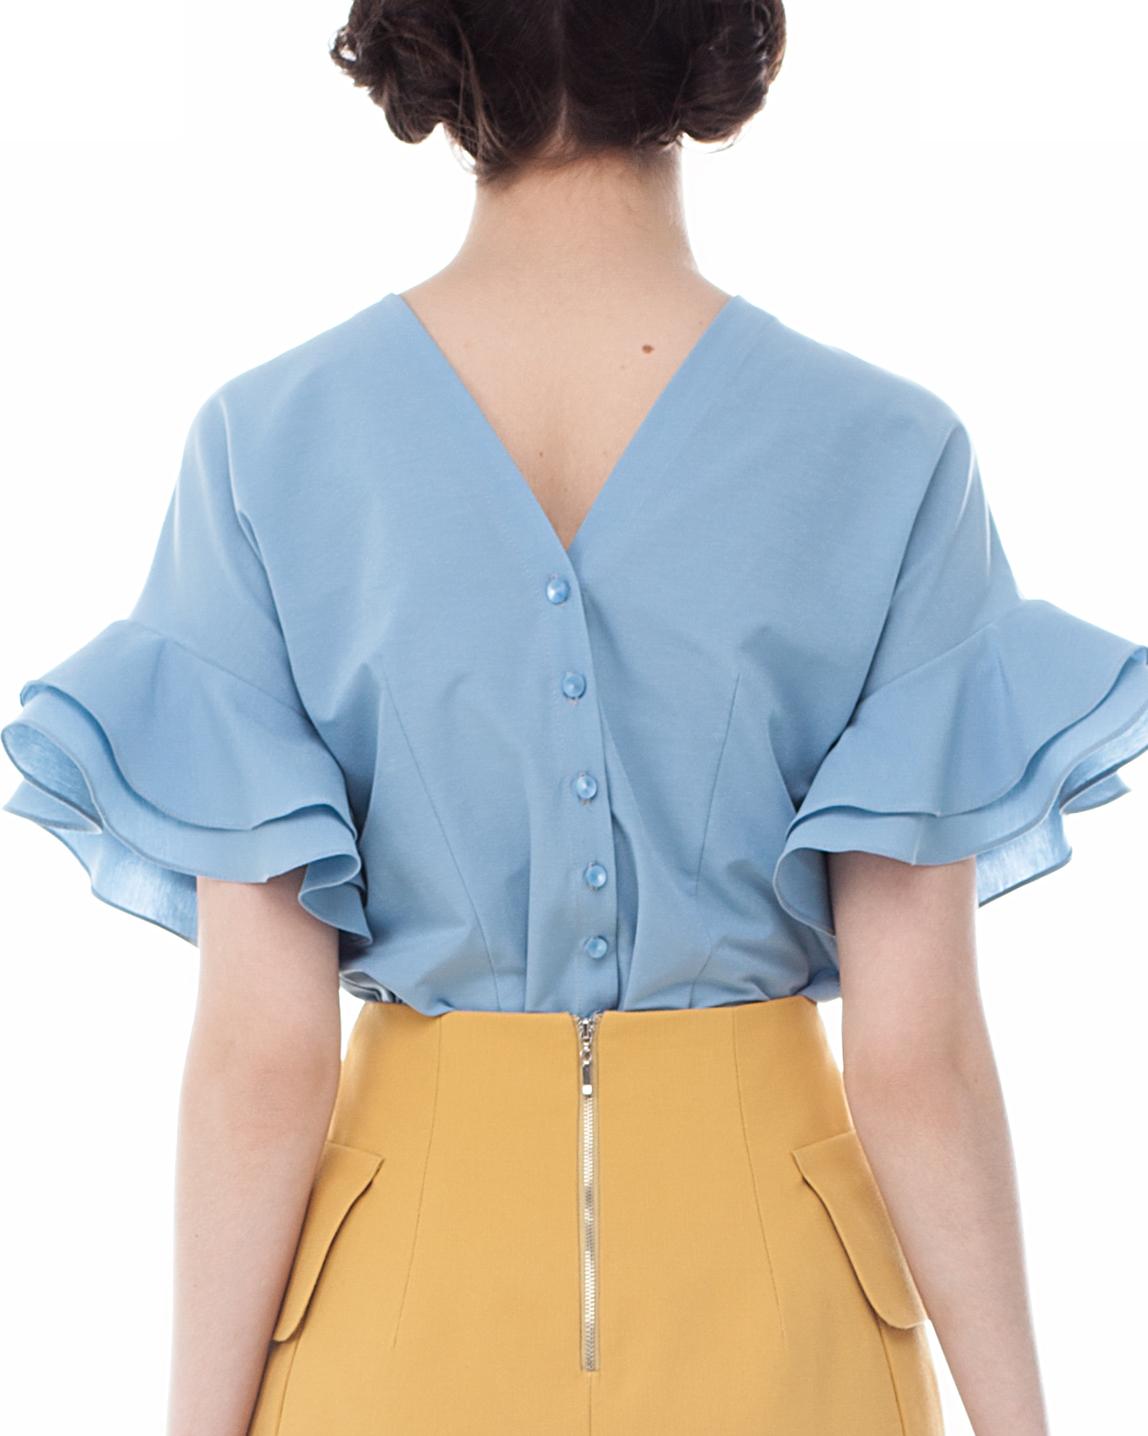 Купить Блузку С Валанами